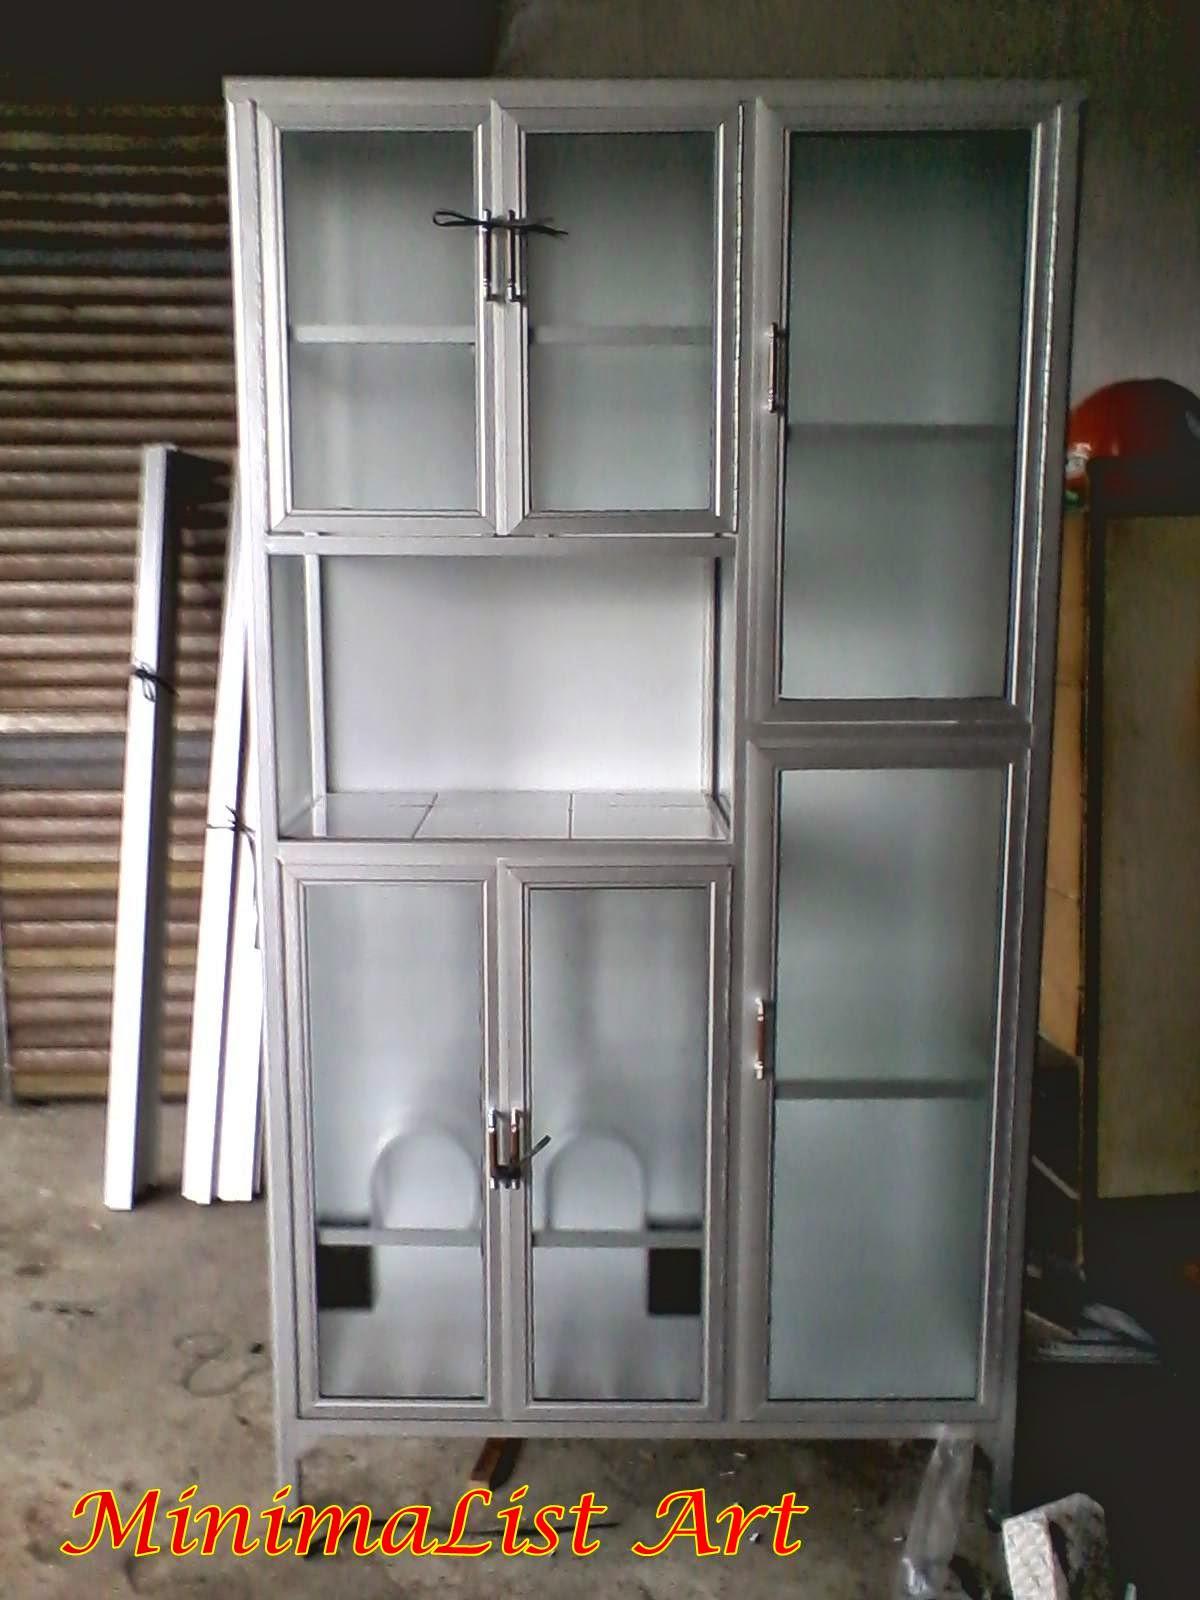 gambar jenis baja ringan rak piring aluminium minimalis   minimalist art